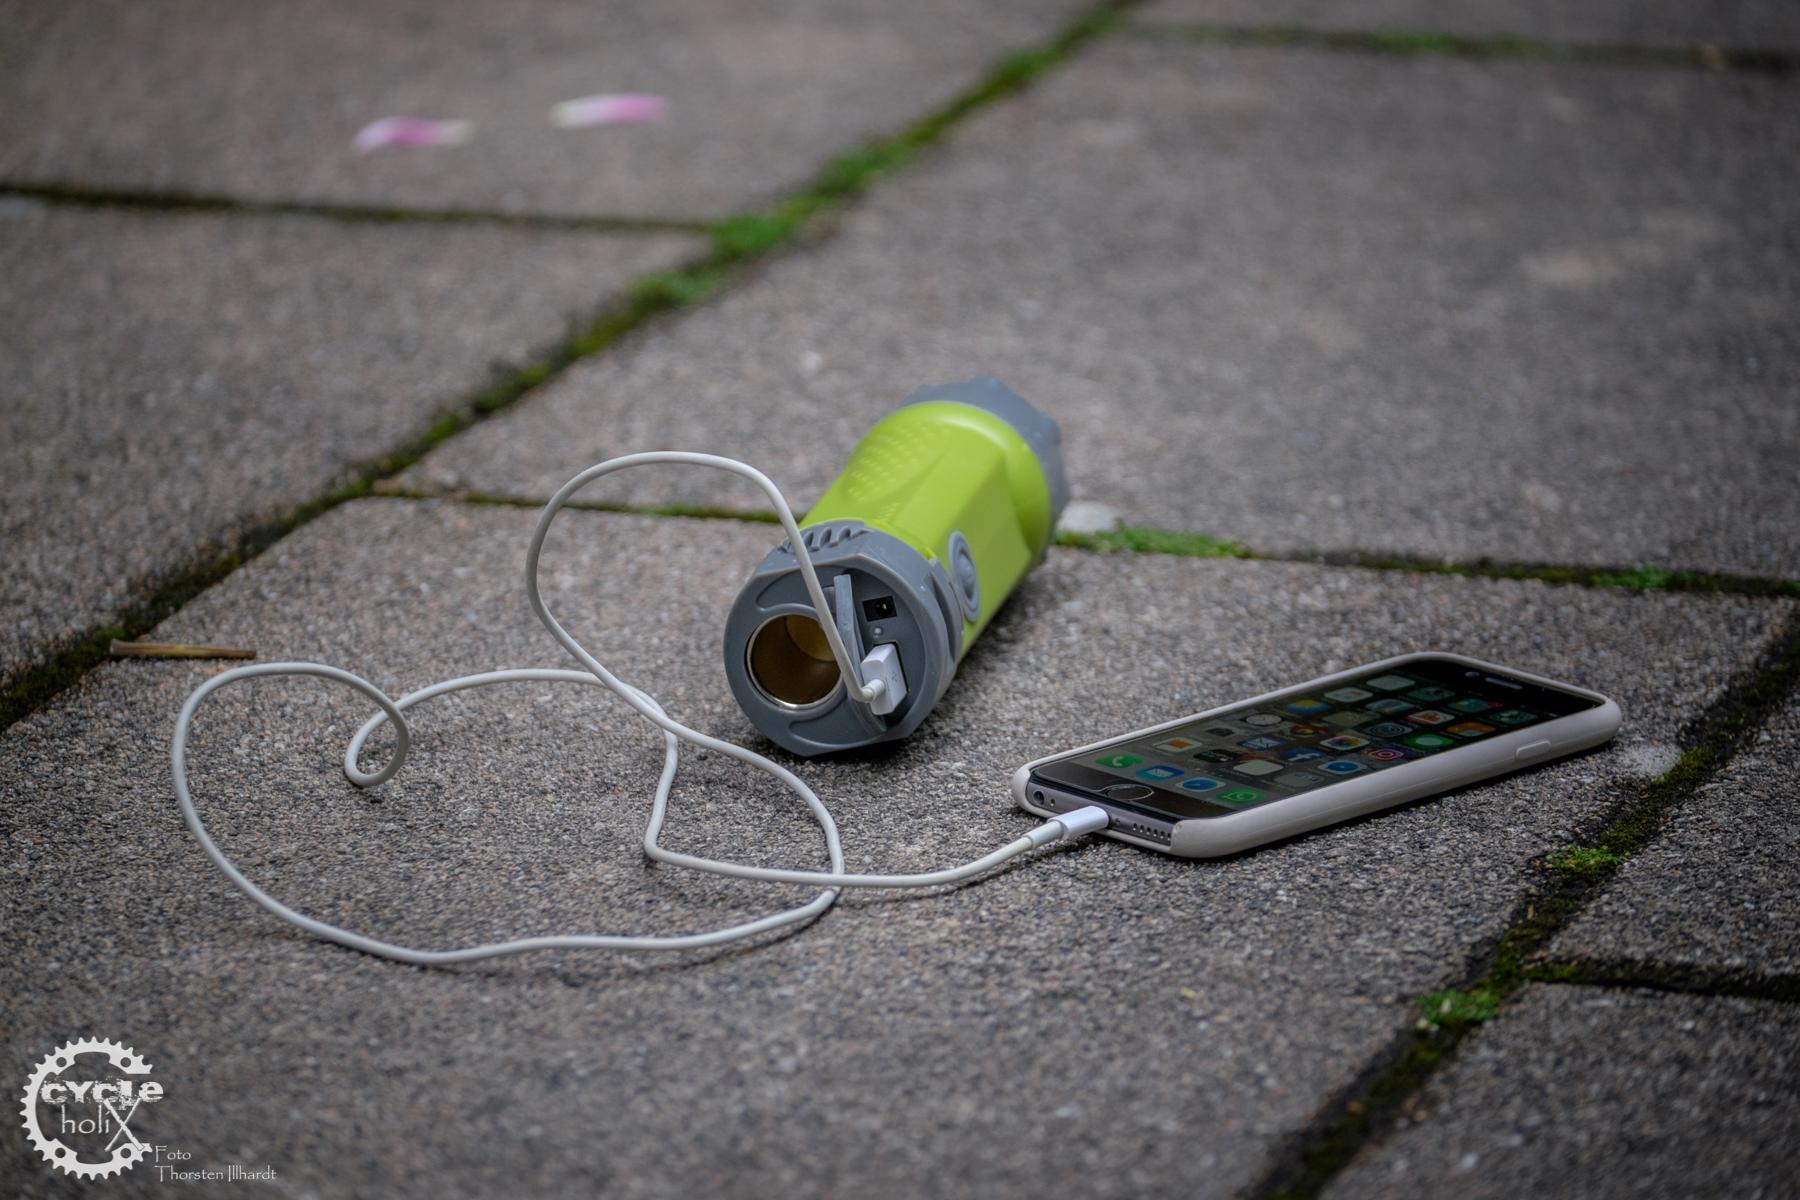 Der USB Port zum Aufladen von Smartphones funktionierte in unserem Test nicht.